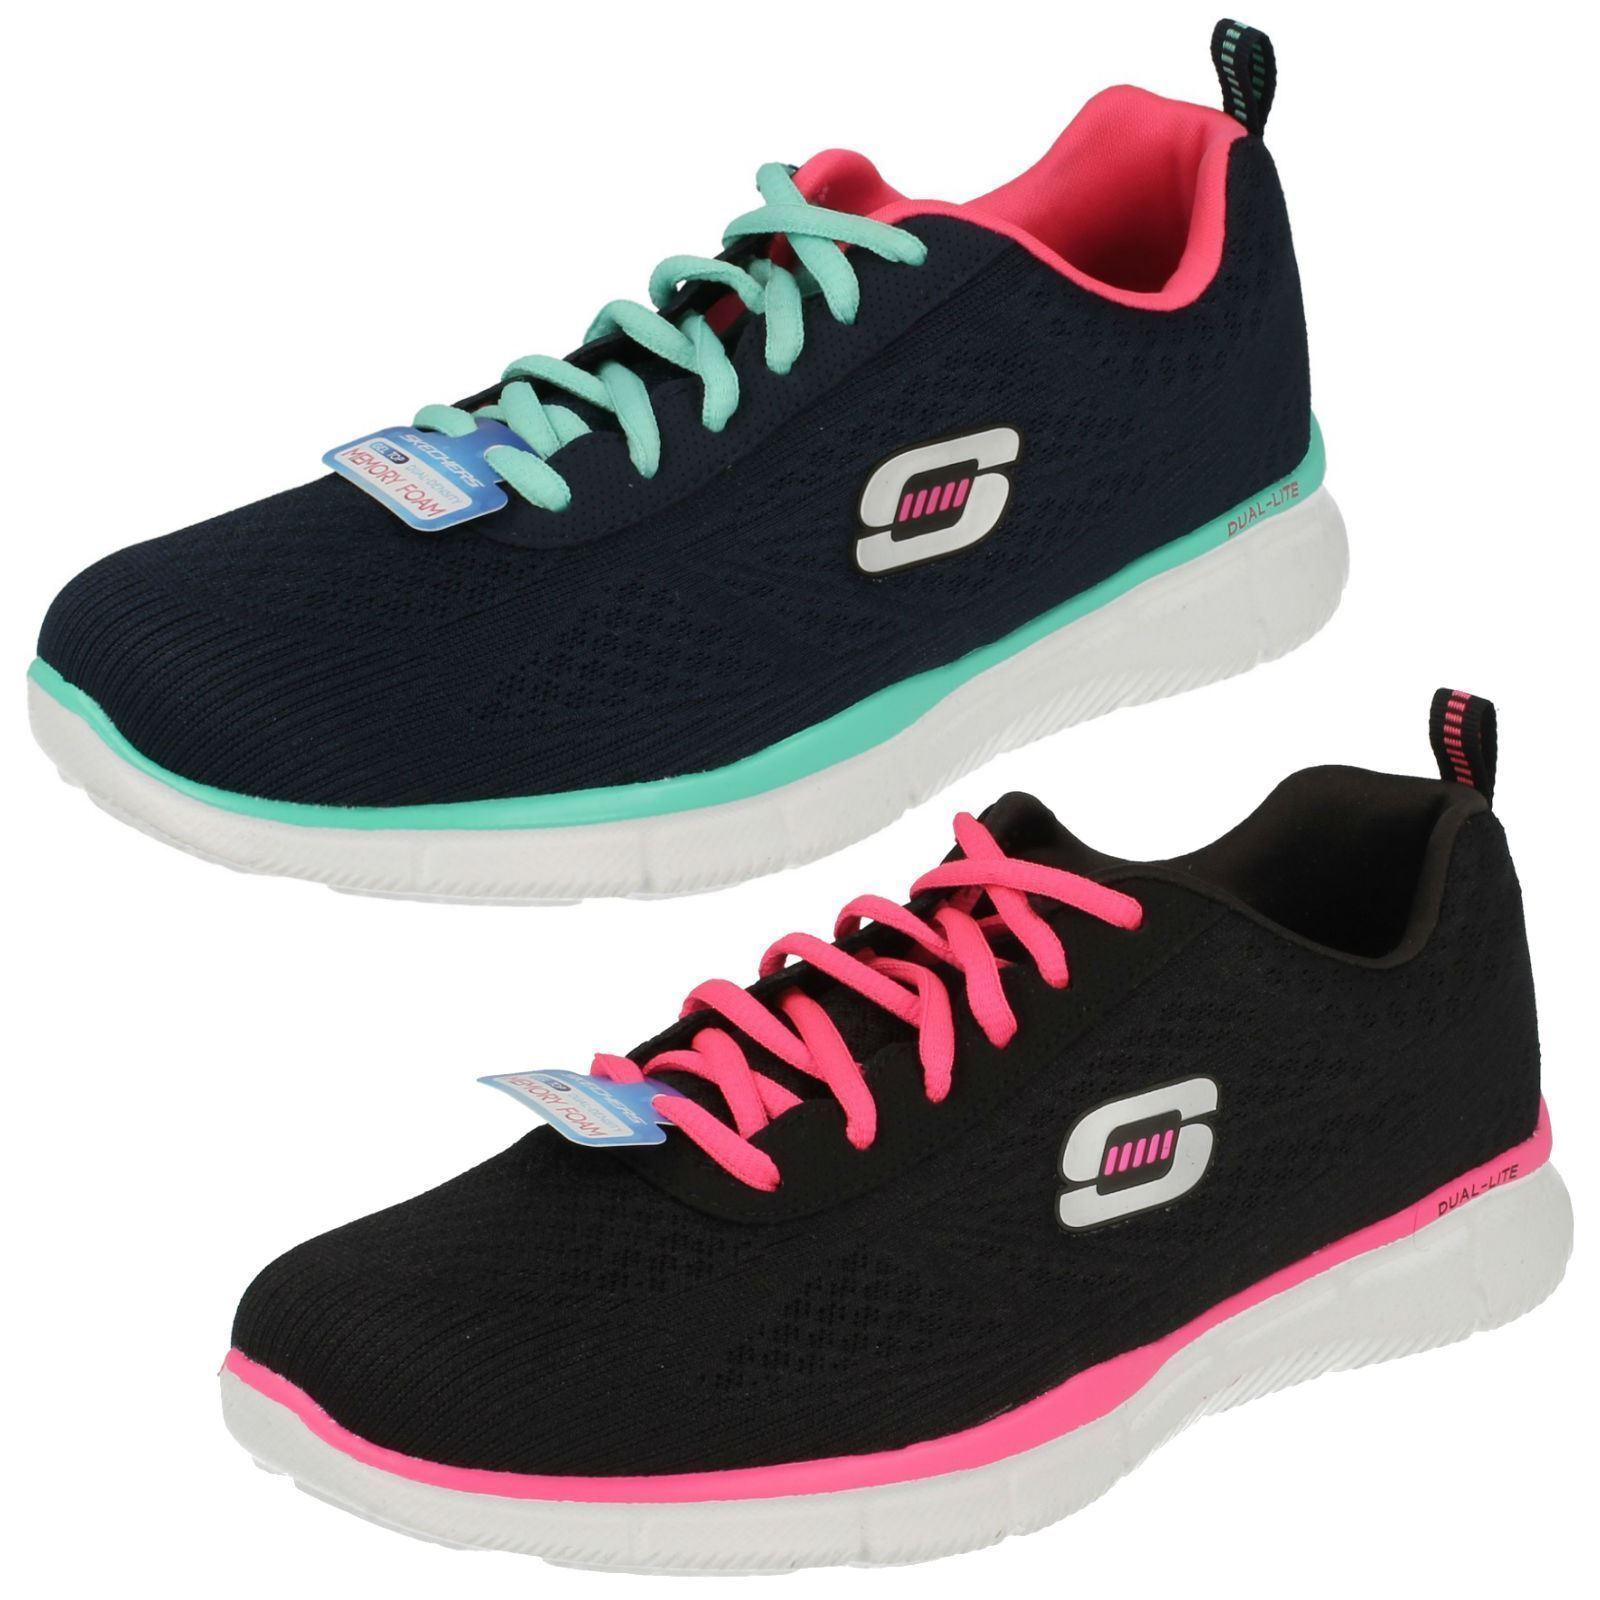 Skechers Mujer True Form Gel Top espuma viscoelástica Zapatillas Con Cordones